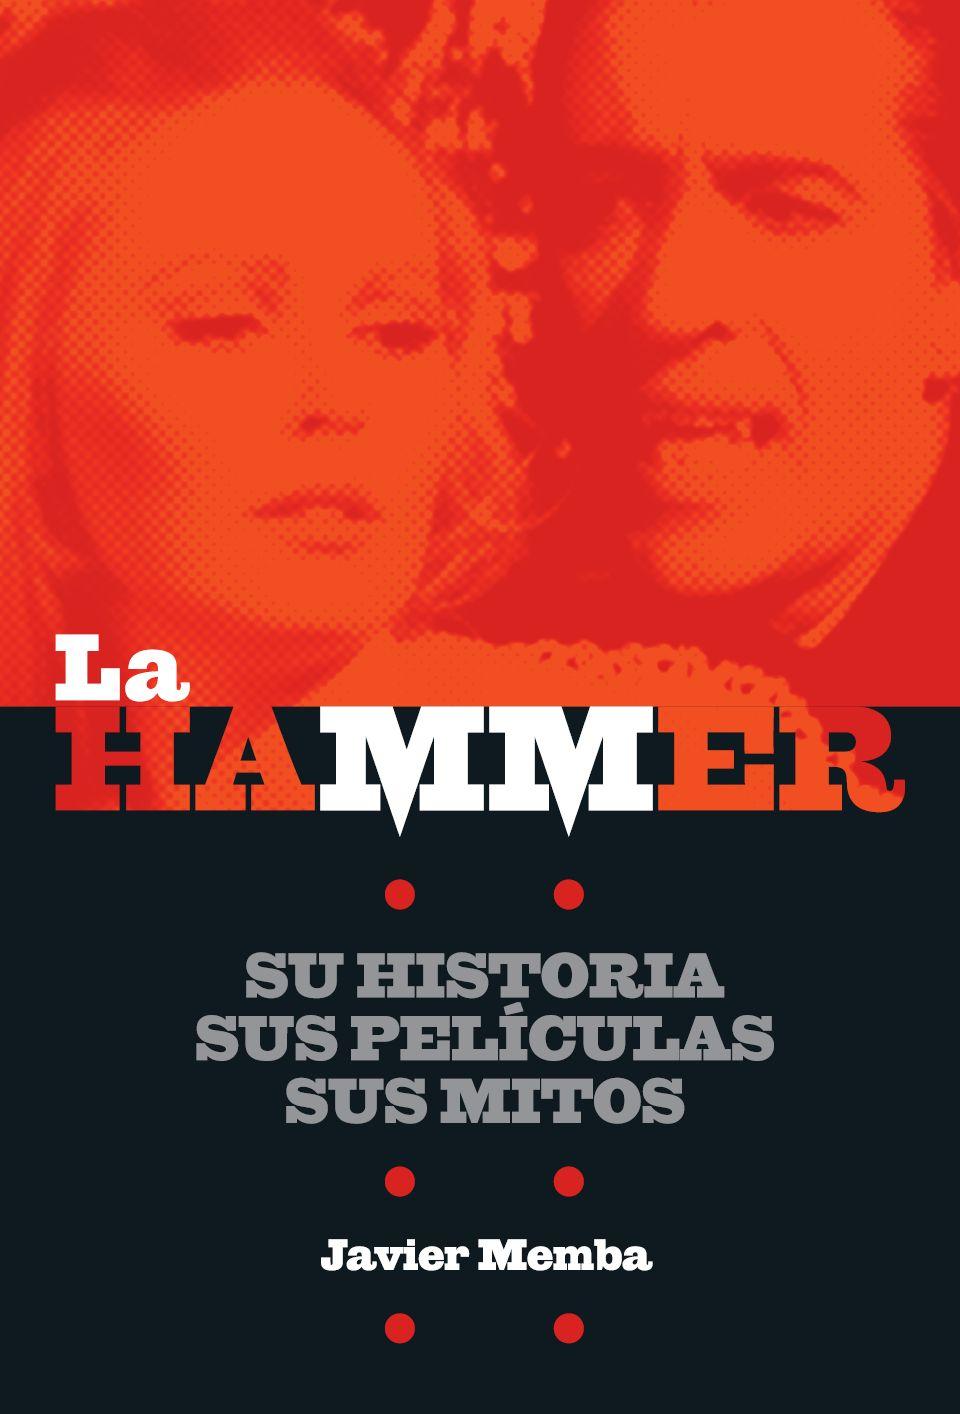 LA HAMMER Su história, sus películas, sus mitos de Javier Memba